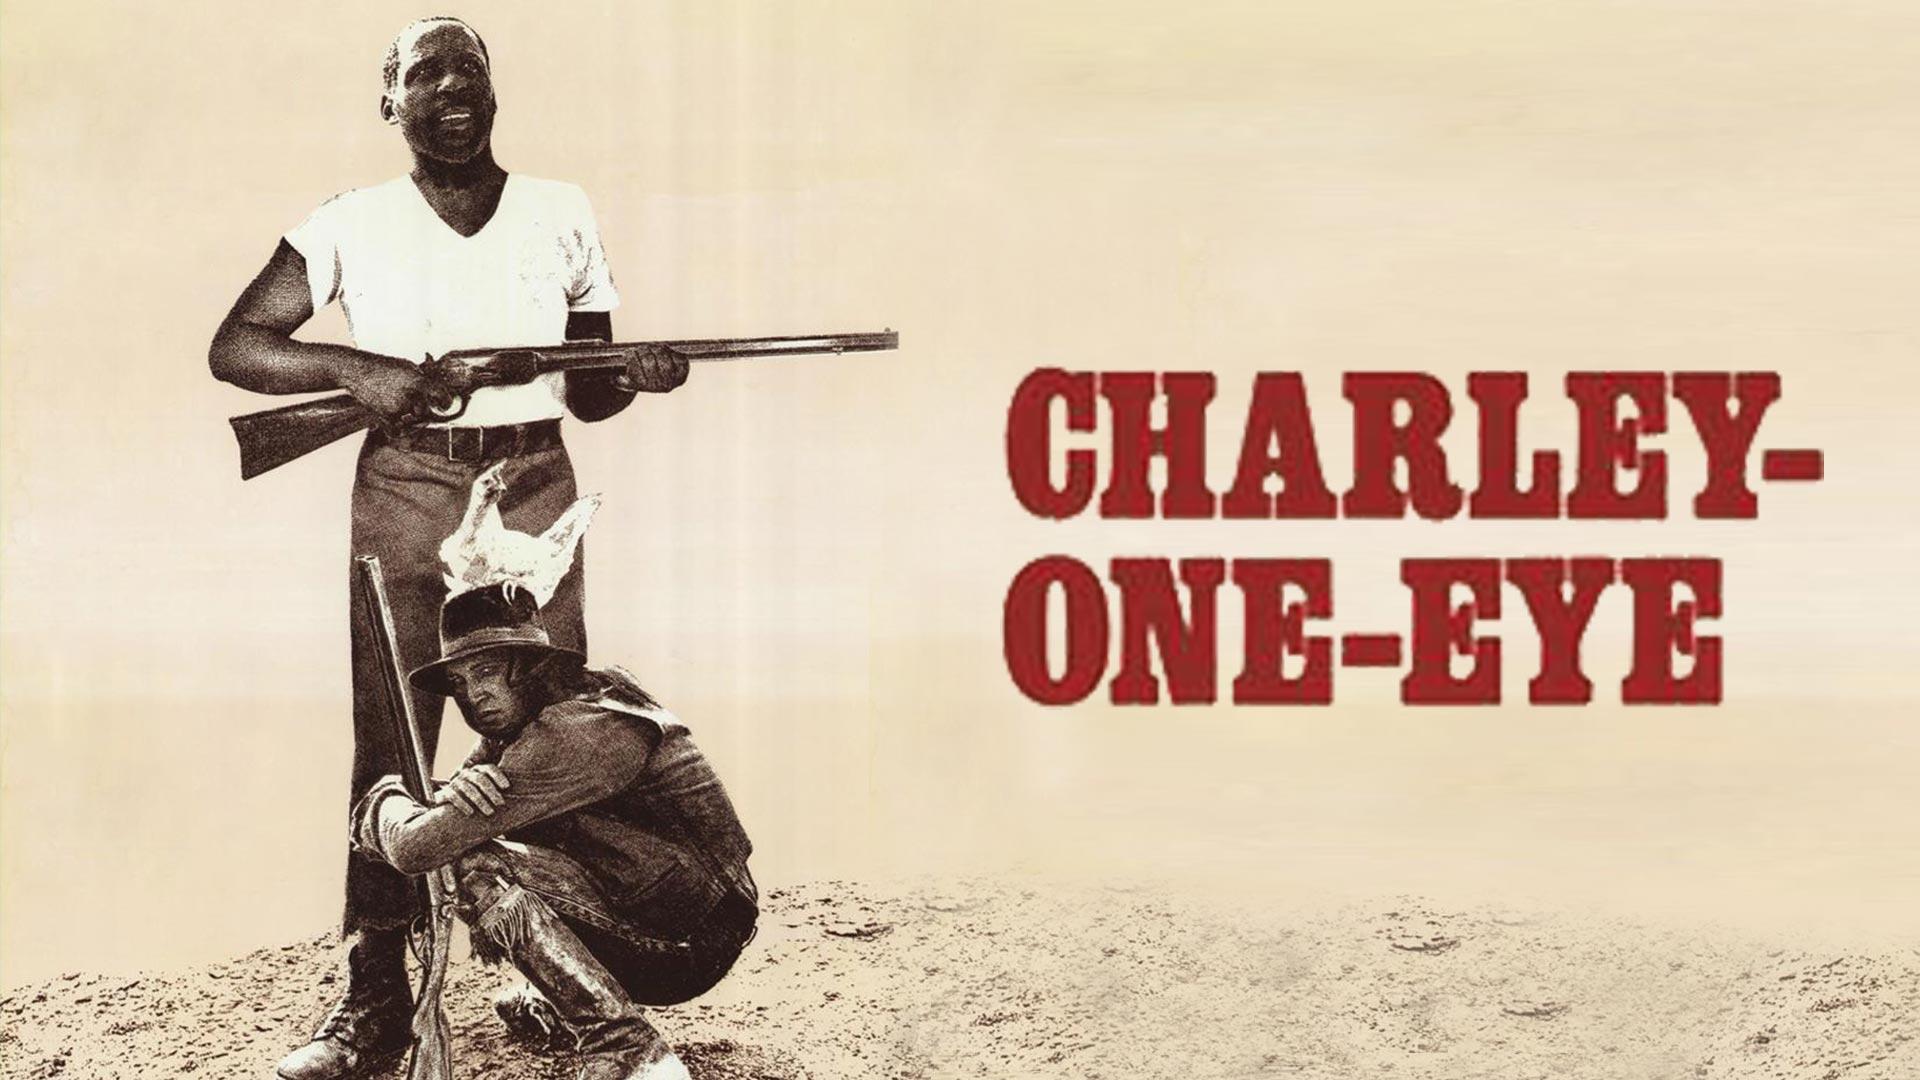 Charley One-Eye